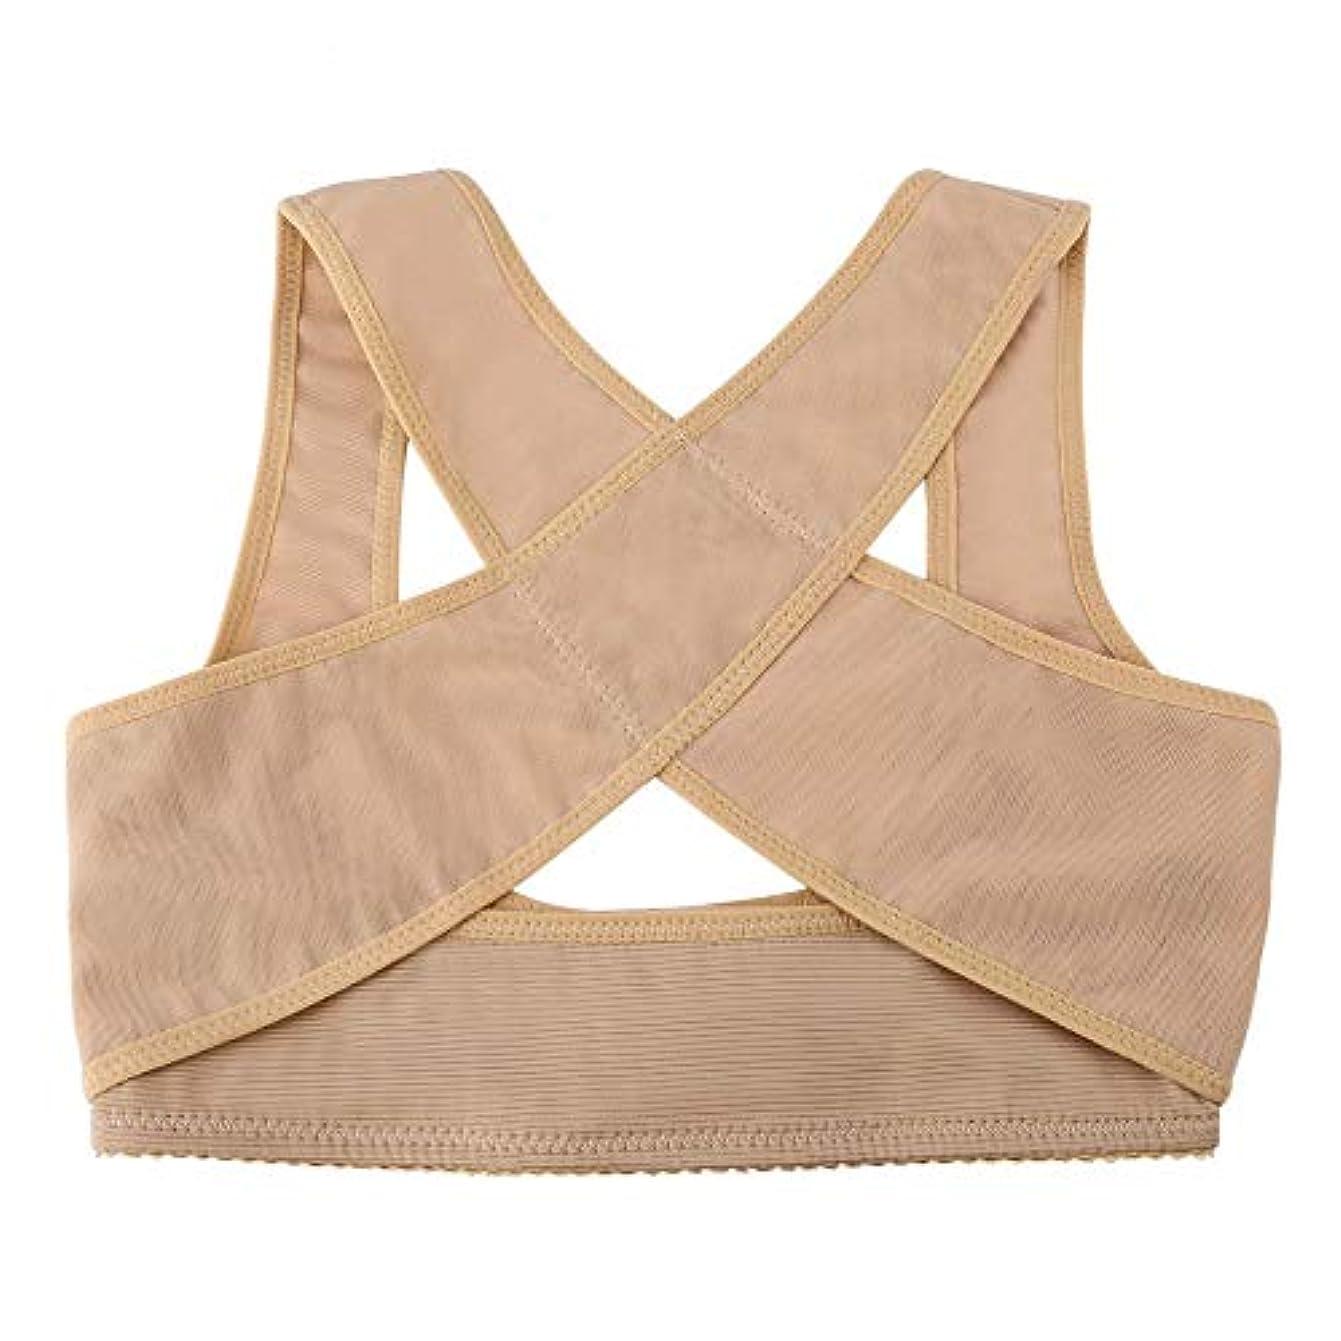 調節可能な伸縮性がある背部女性ベルトサポート姿勢補正装置支柱サポート姿勢肩補正装置ヘルスケア